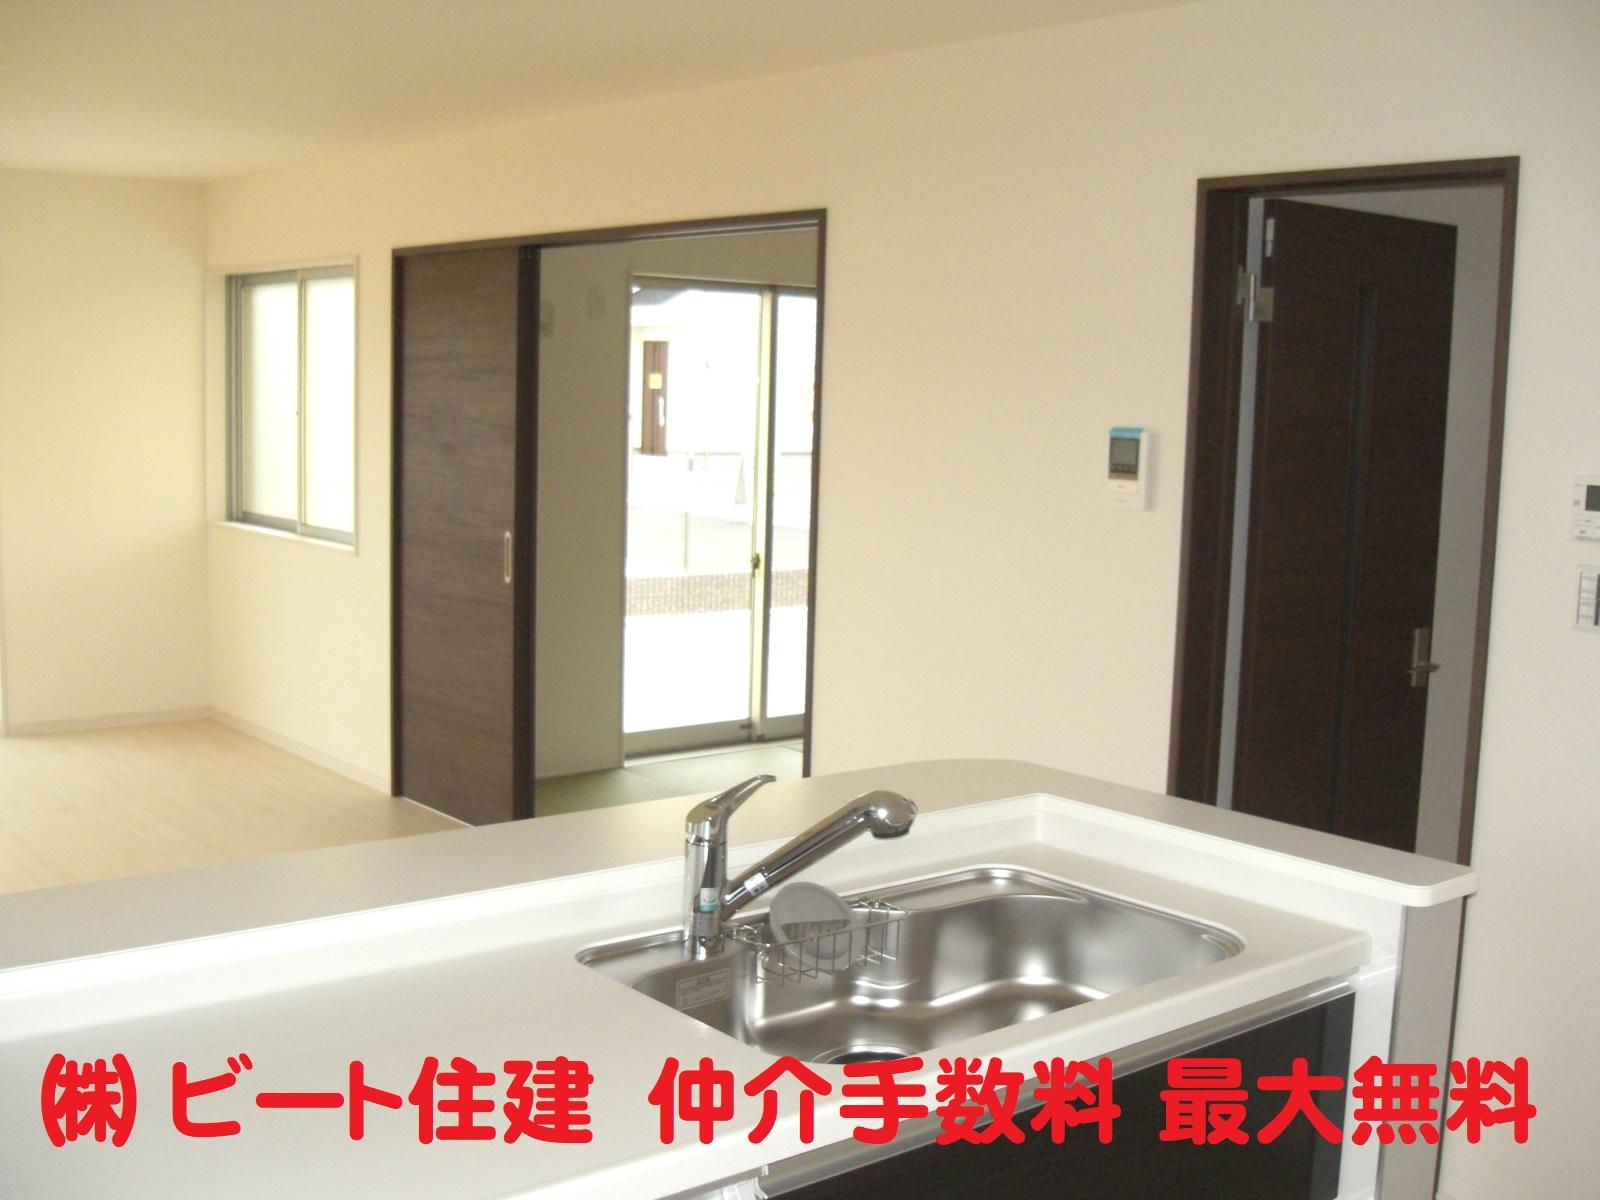 奈良県 新築住宅を ご購入で、仲介手数料 & 住宅ローン代行費用が 最大無料です。